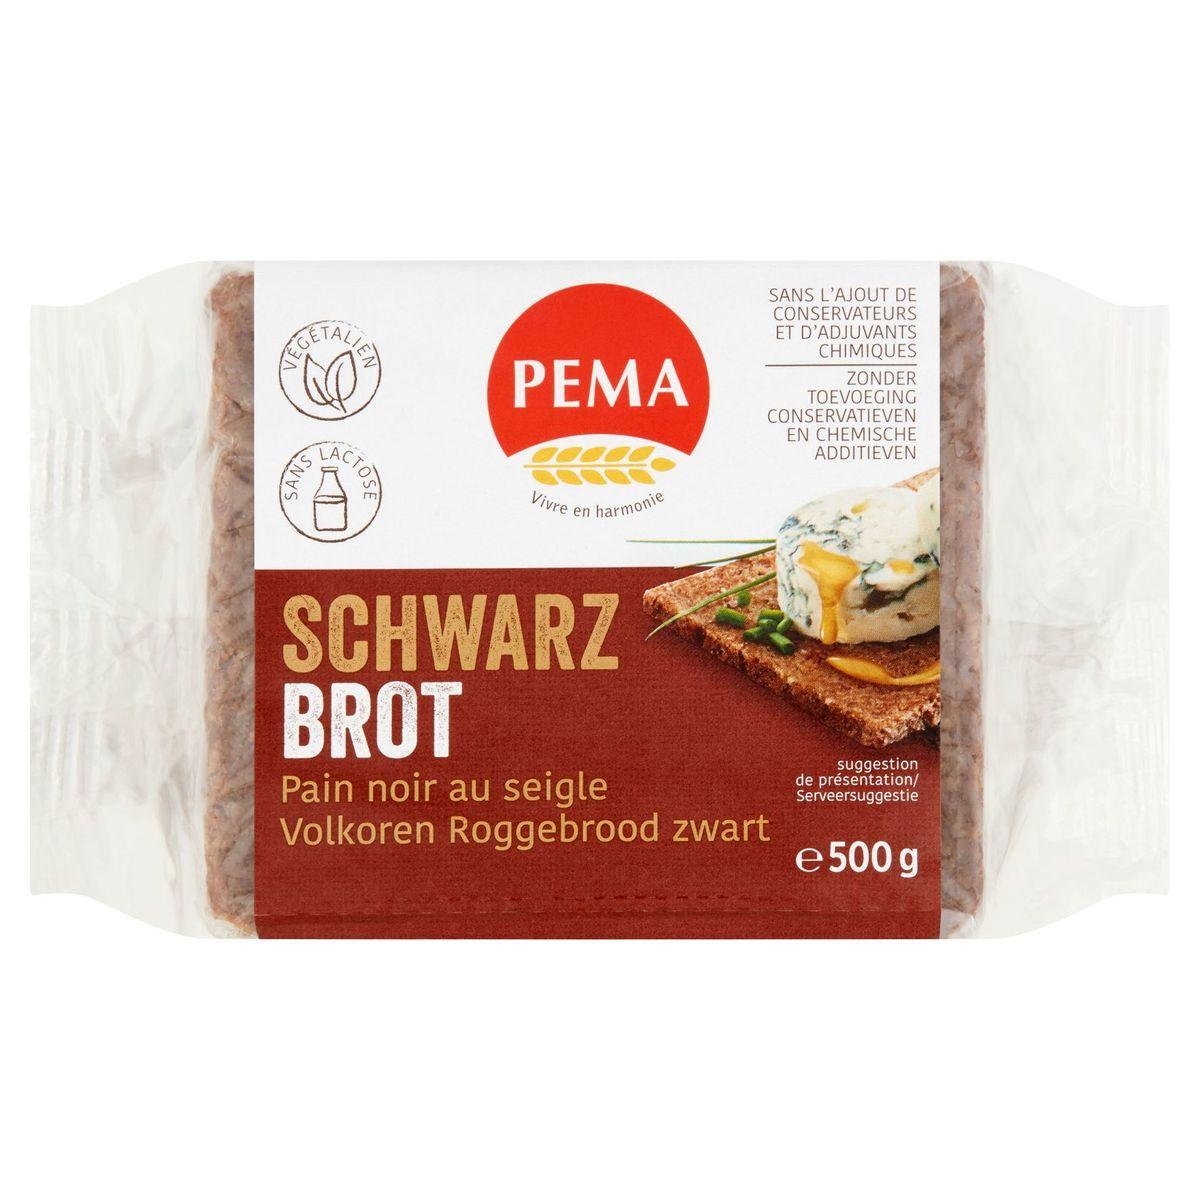 Pema Brot Volkoren Roggebrood Zwart 500 g